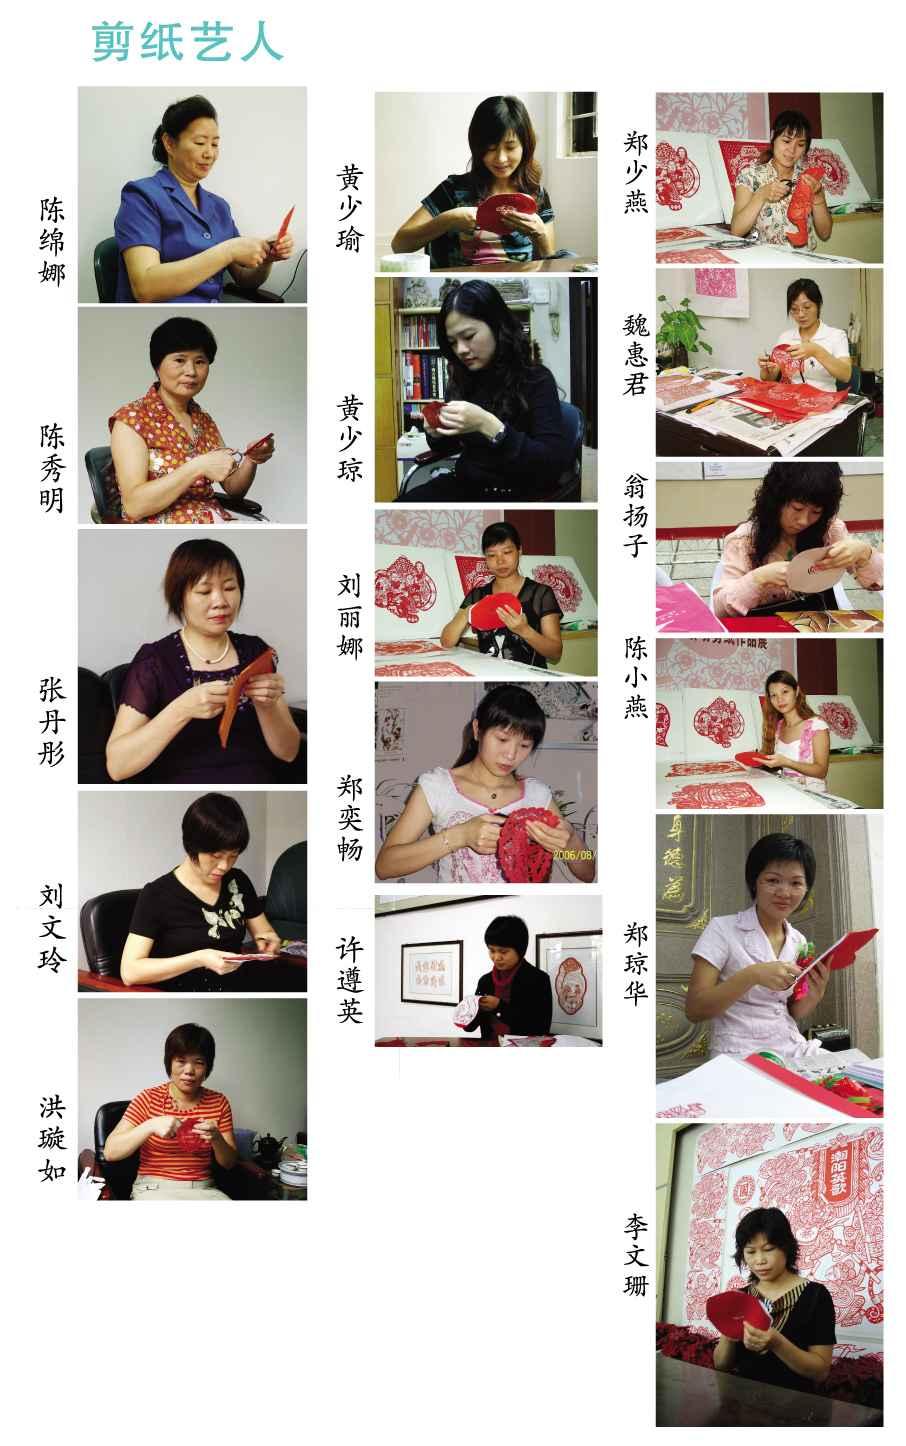 圆形剪纸图案画法步骤图片